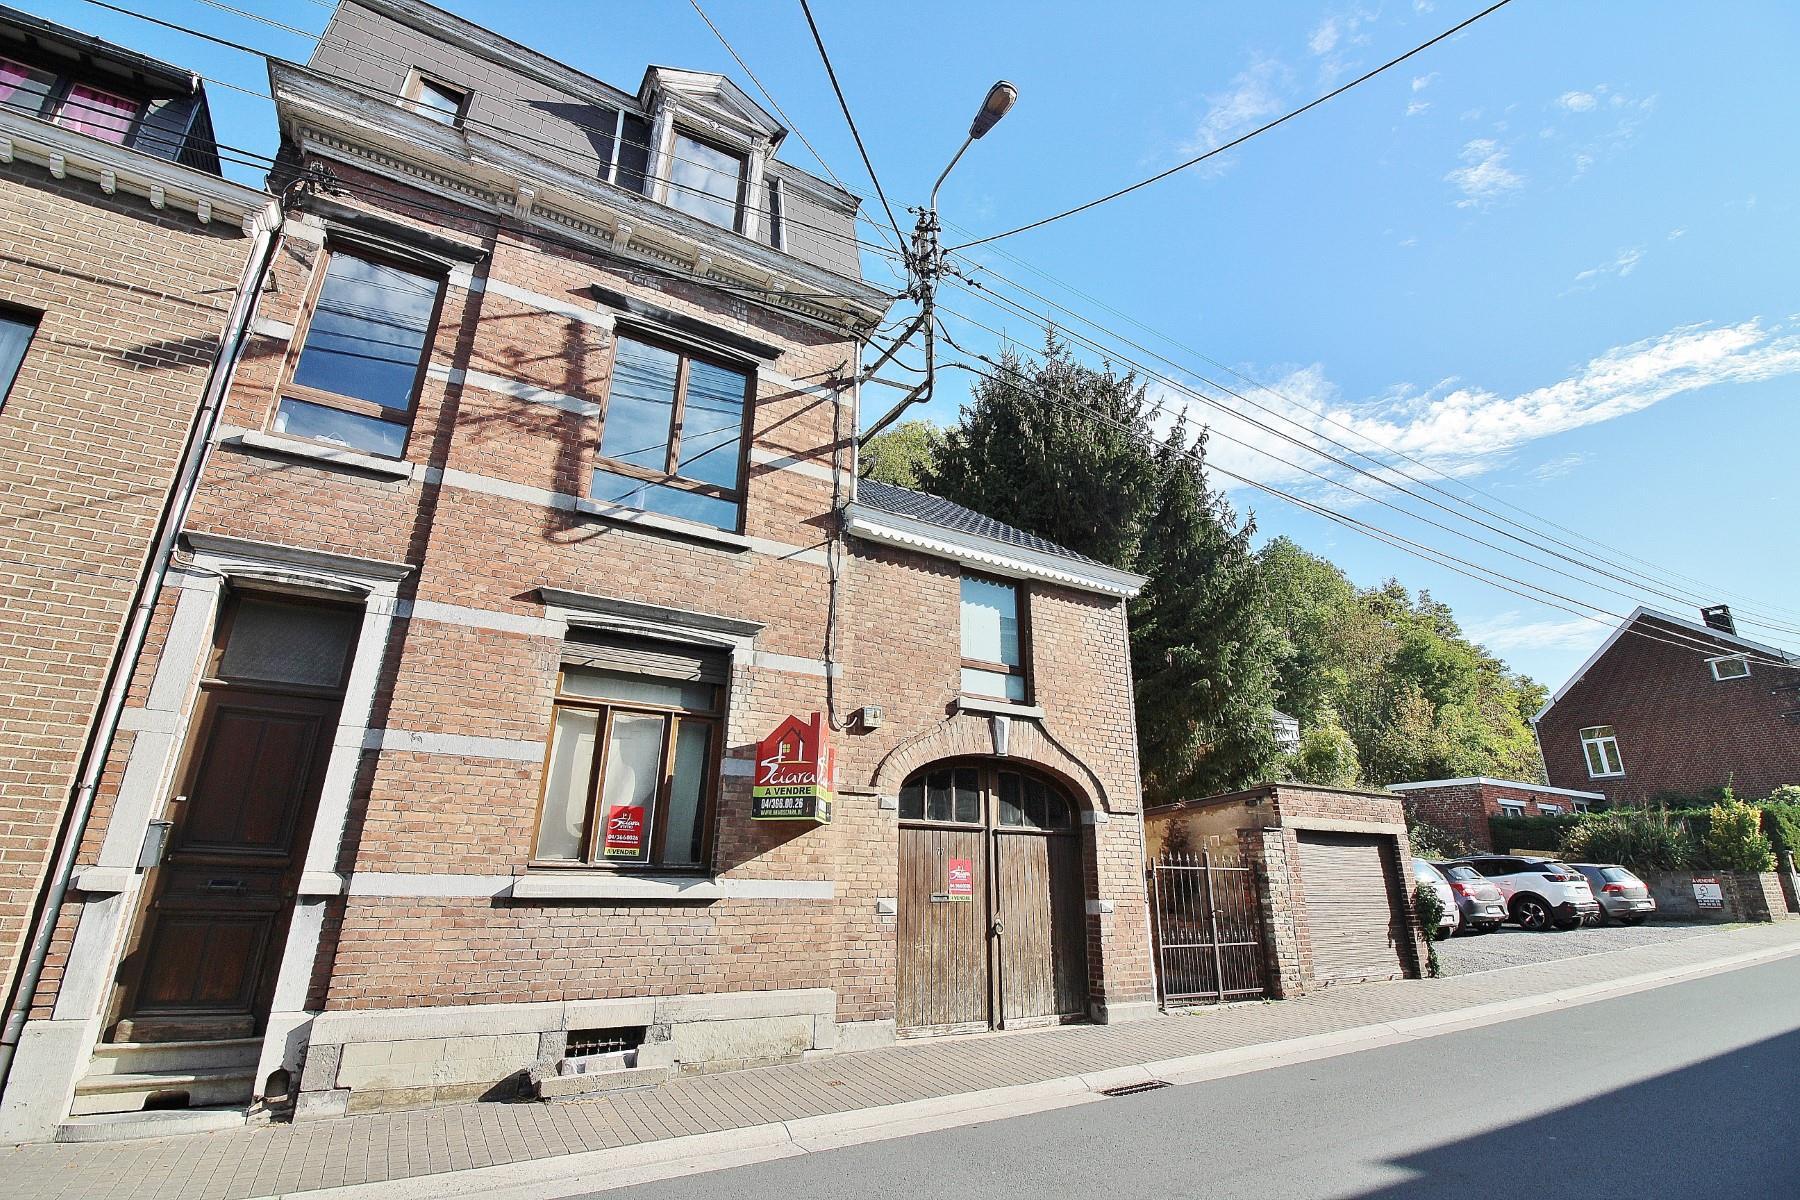 Maison - Liège Jupille-sur-Meuse - #3587938-0